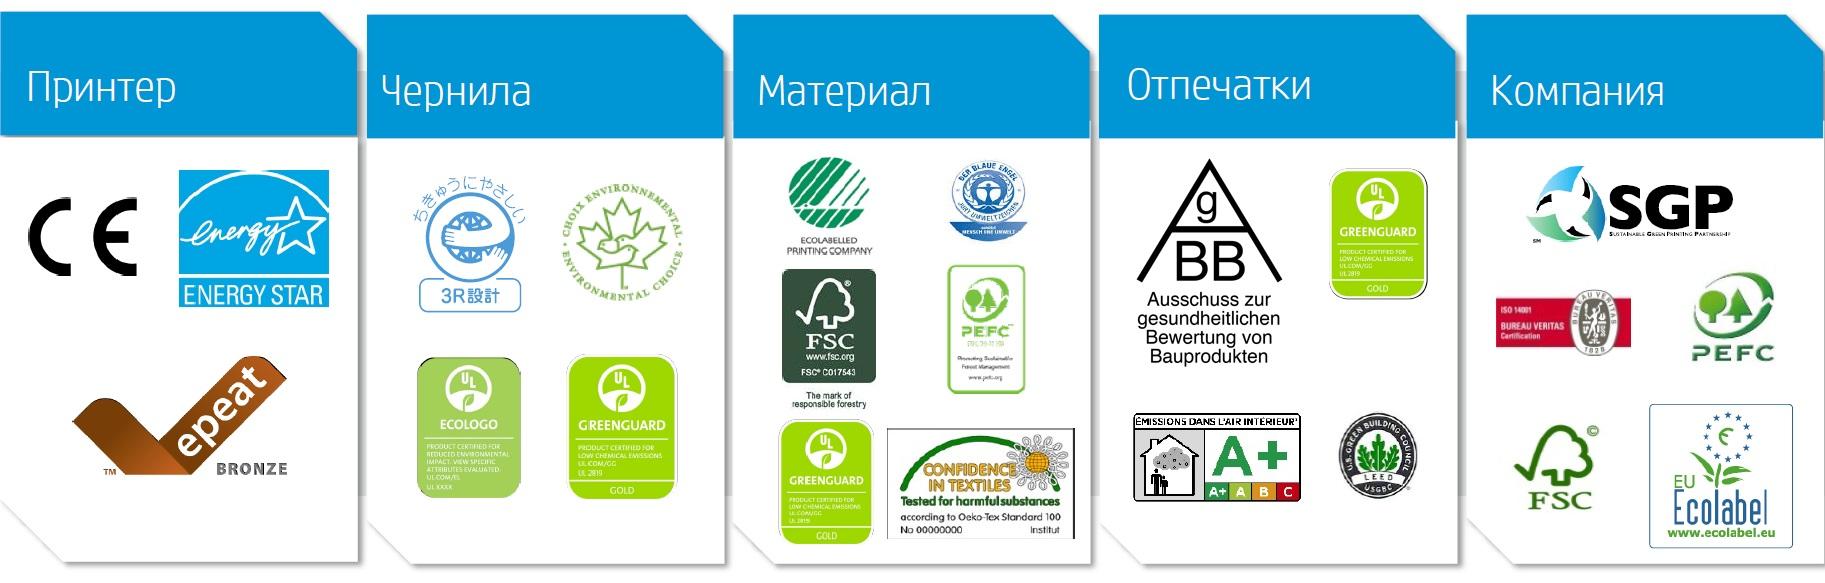 Экологические сертификаты HP Latex